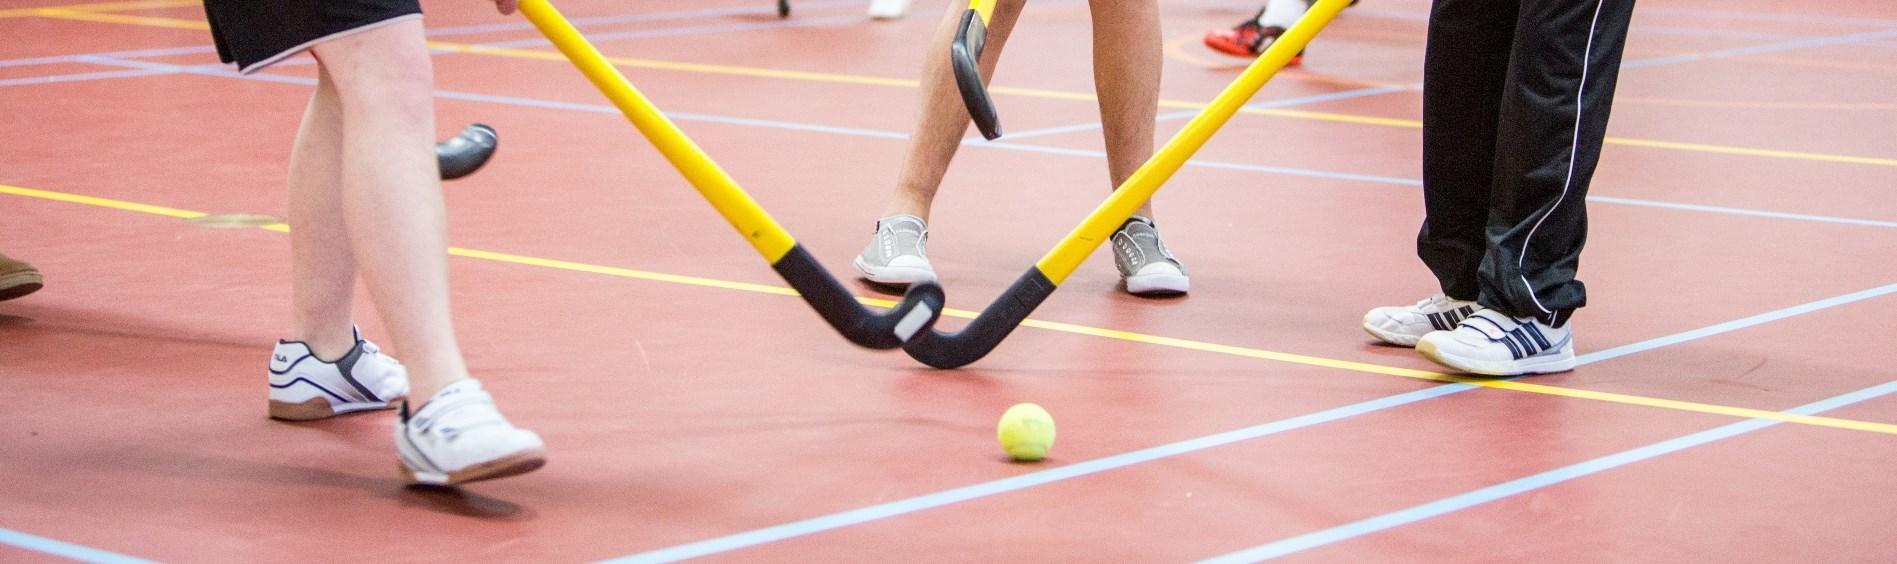 Gehandicaptensport Nederland Grensoverschrijdend Gedrag